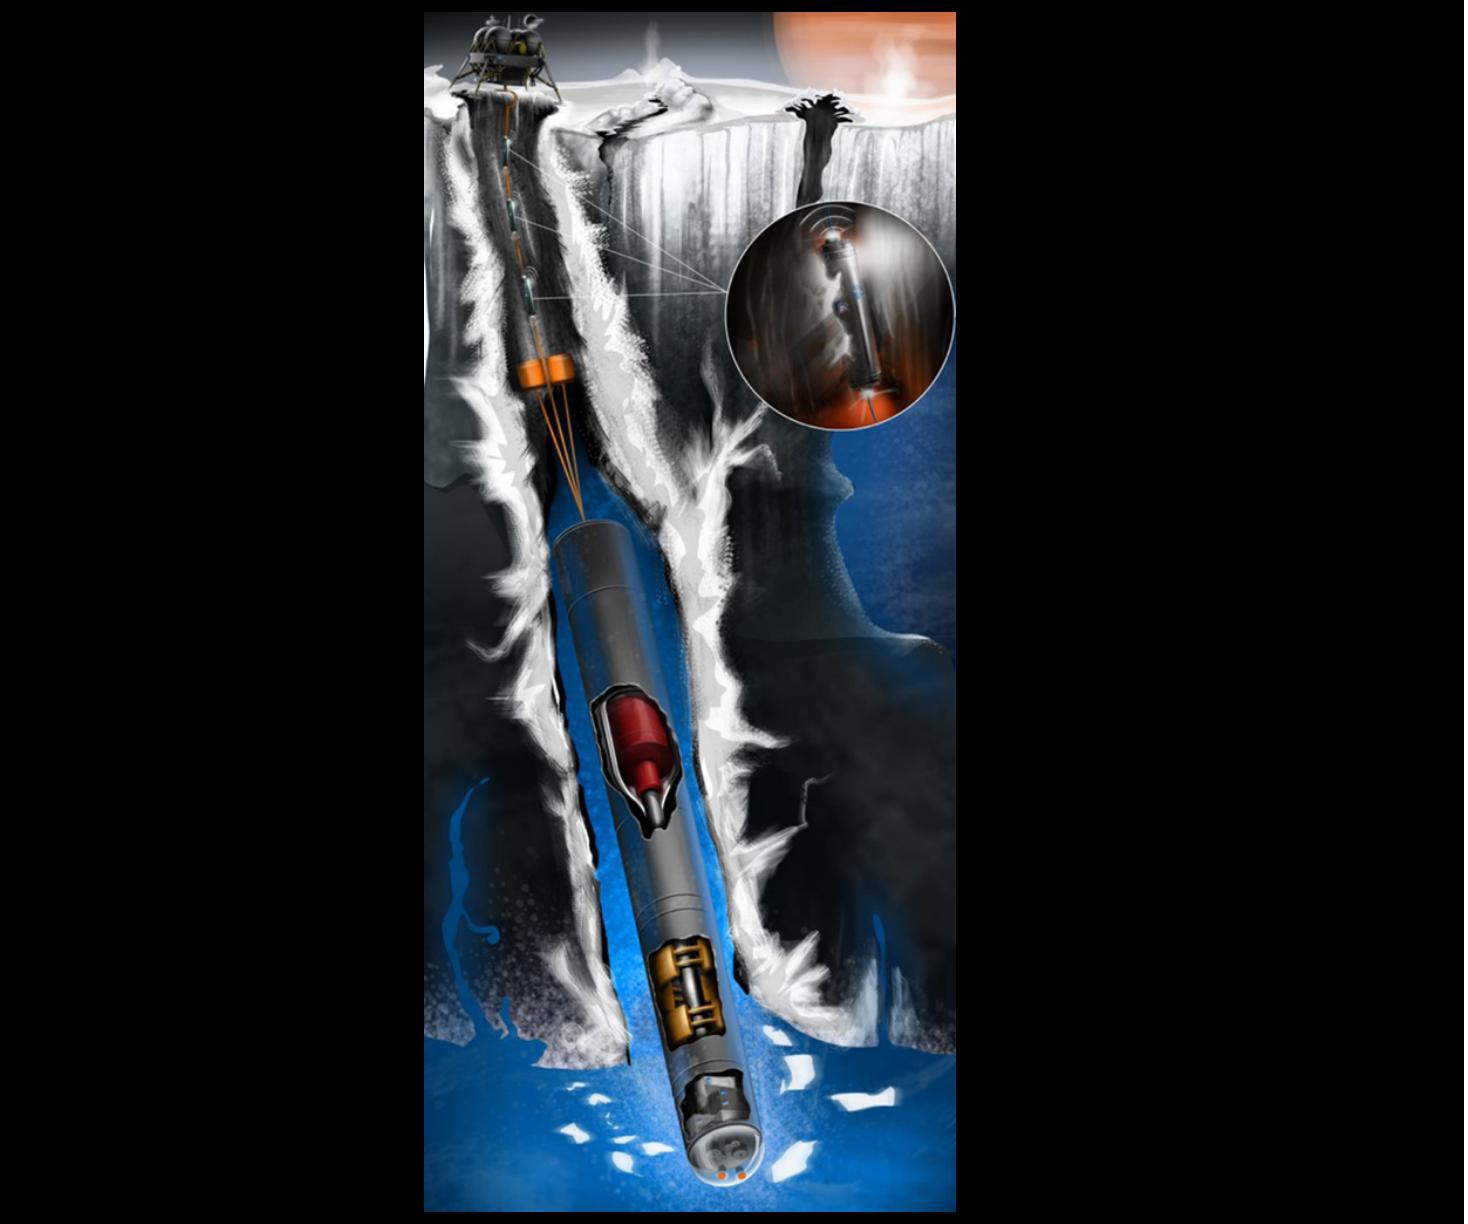 Hình minh họa tái dựng tàu robot đào hầm tại mặt trăng Europa. Ảnh: Trung tâm nghiên cứu NASA Glenn